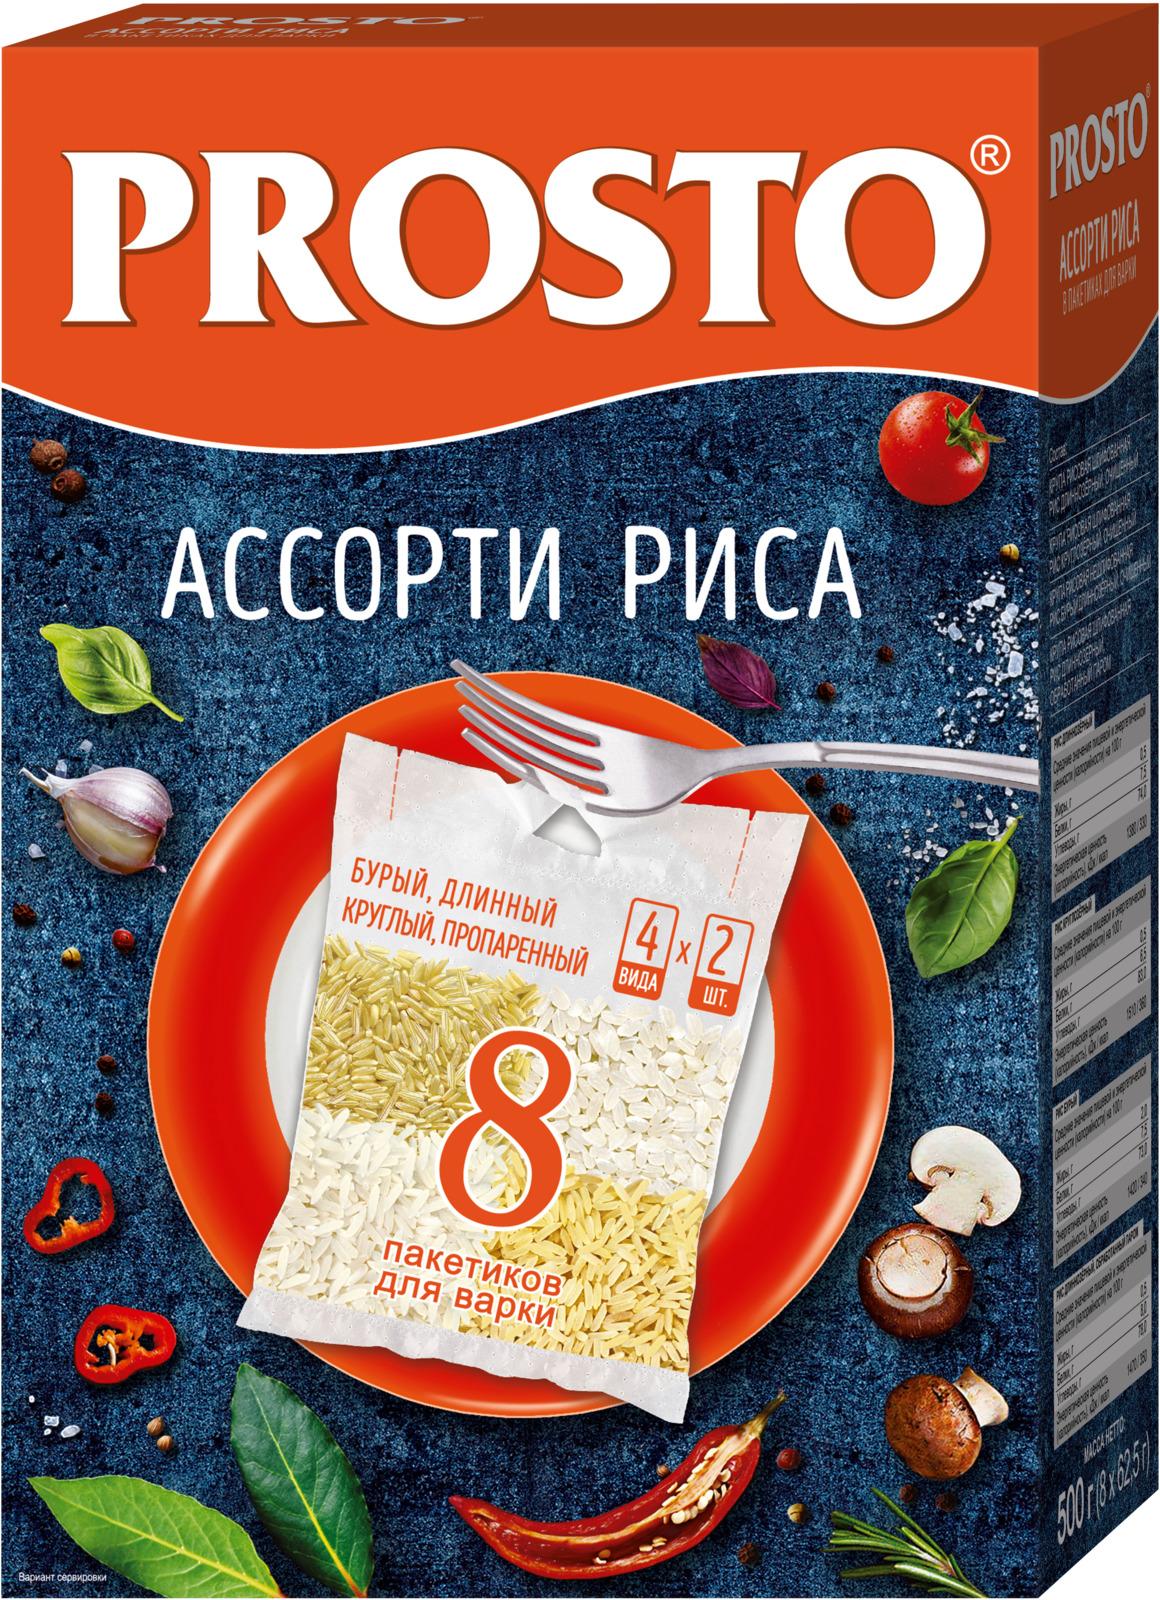 Prosto ассорти 4 риса в пакетиках для варки, 8 шт по 62,5 г4607114691047Prosto - это крупы в варочных пакетах. Благодаря индивидуальной порционной фасовке продукт не пригорает и не прилипает к стенкам кастрюли. Ассорти риса от Prosto - это 4 вида различных и самых популярных сортов риса. В одной упаковке по 2 варочных пакетика каждого вида: бурый рис, длиннозерный рис, пропаренный рис и круглозерный рис. Очень удобно! Лайфхаки по варке круп и пасты. Статья OZON Гид